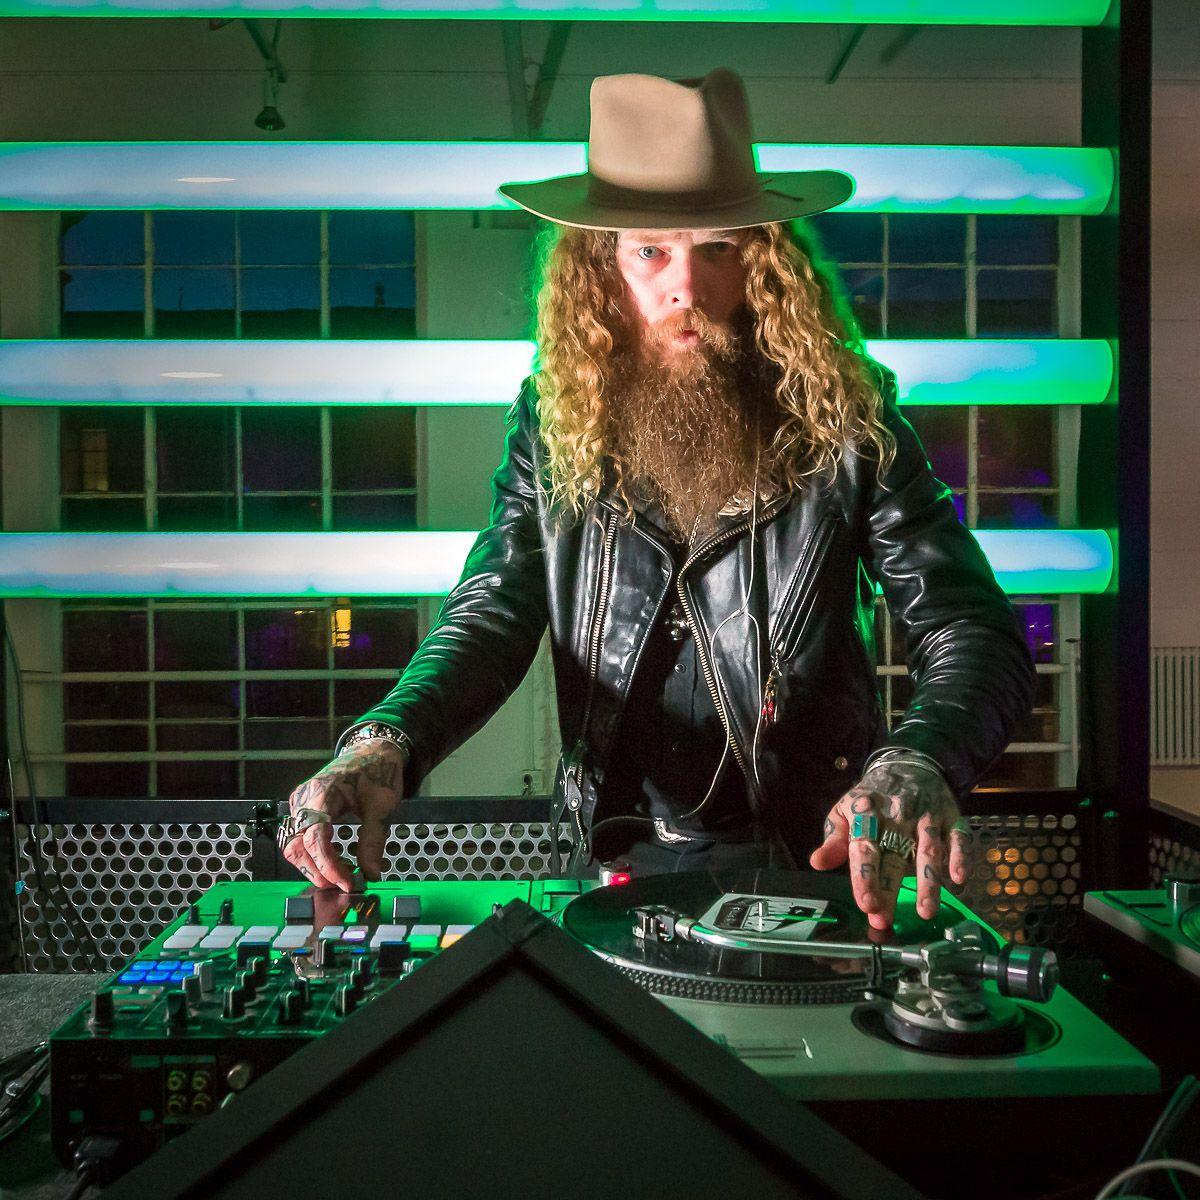 WHATS NEXT event DJ